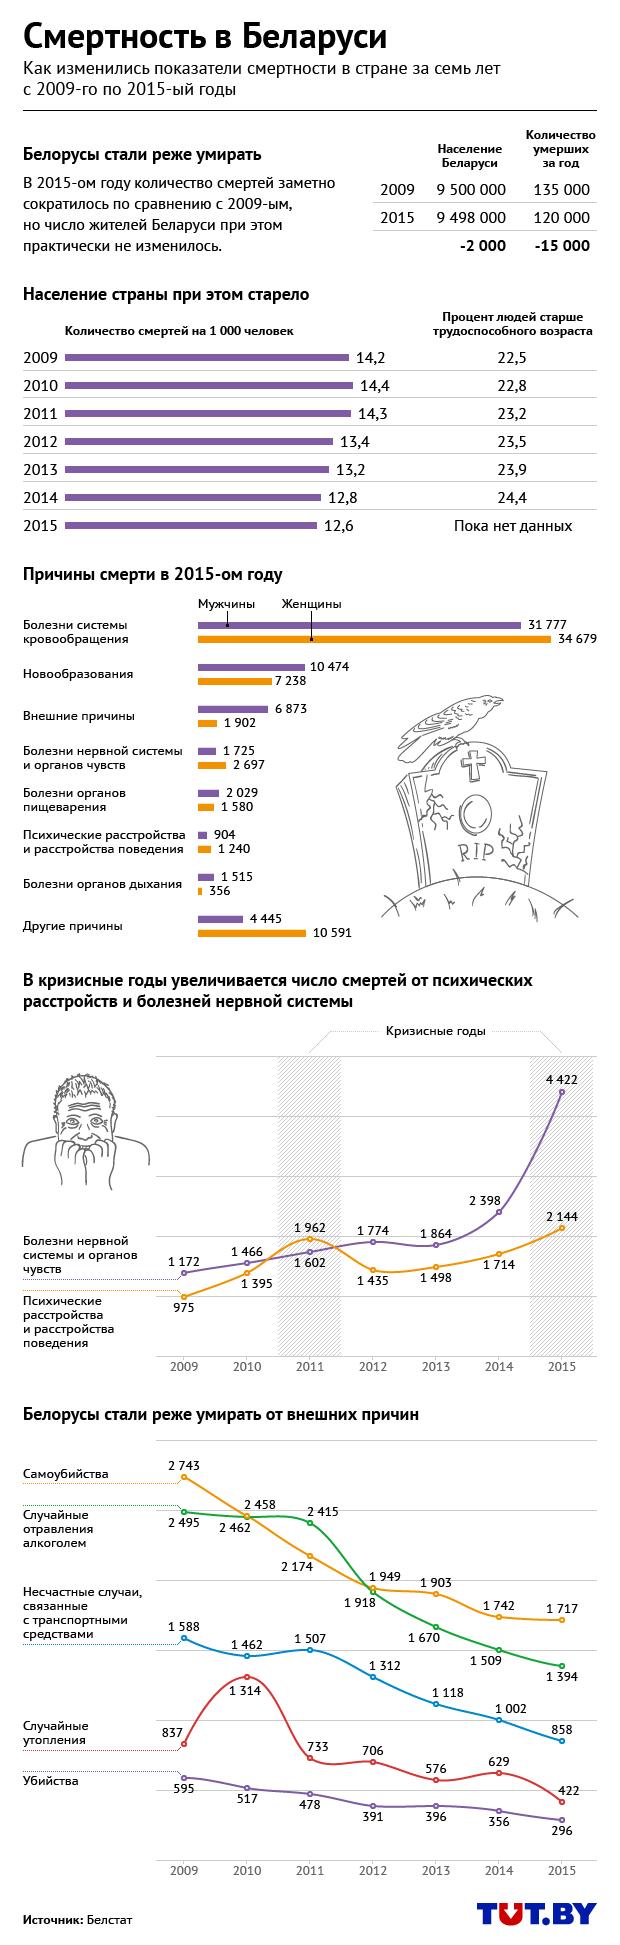 Инфографика: Антон Девятов, TUT.BY